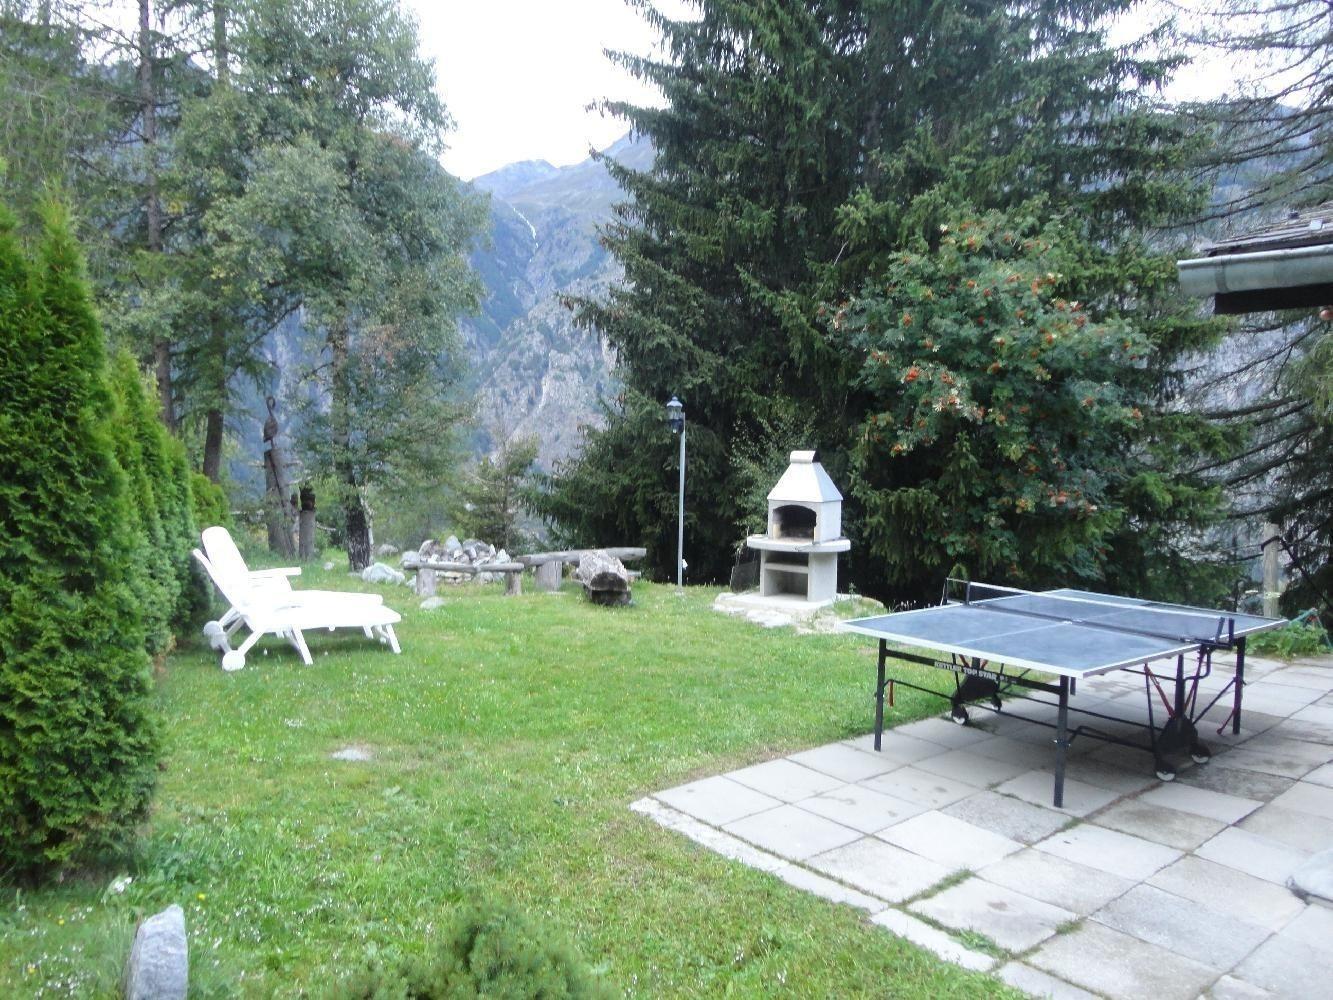 Ferienhaus in Grächen, Vallis (2708705), Grächen, Grächen - St. Niklaus, Wallis, Schweiz, Bild 5